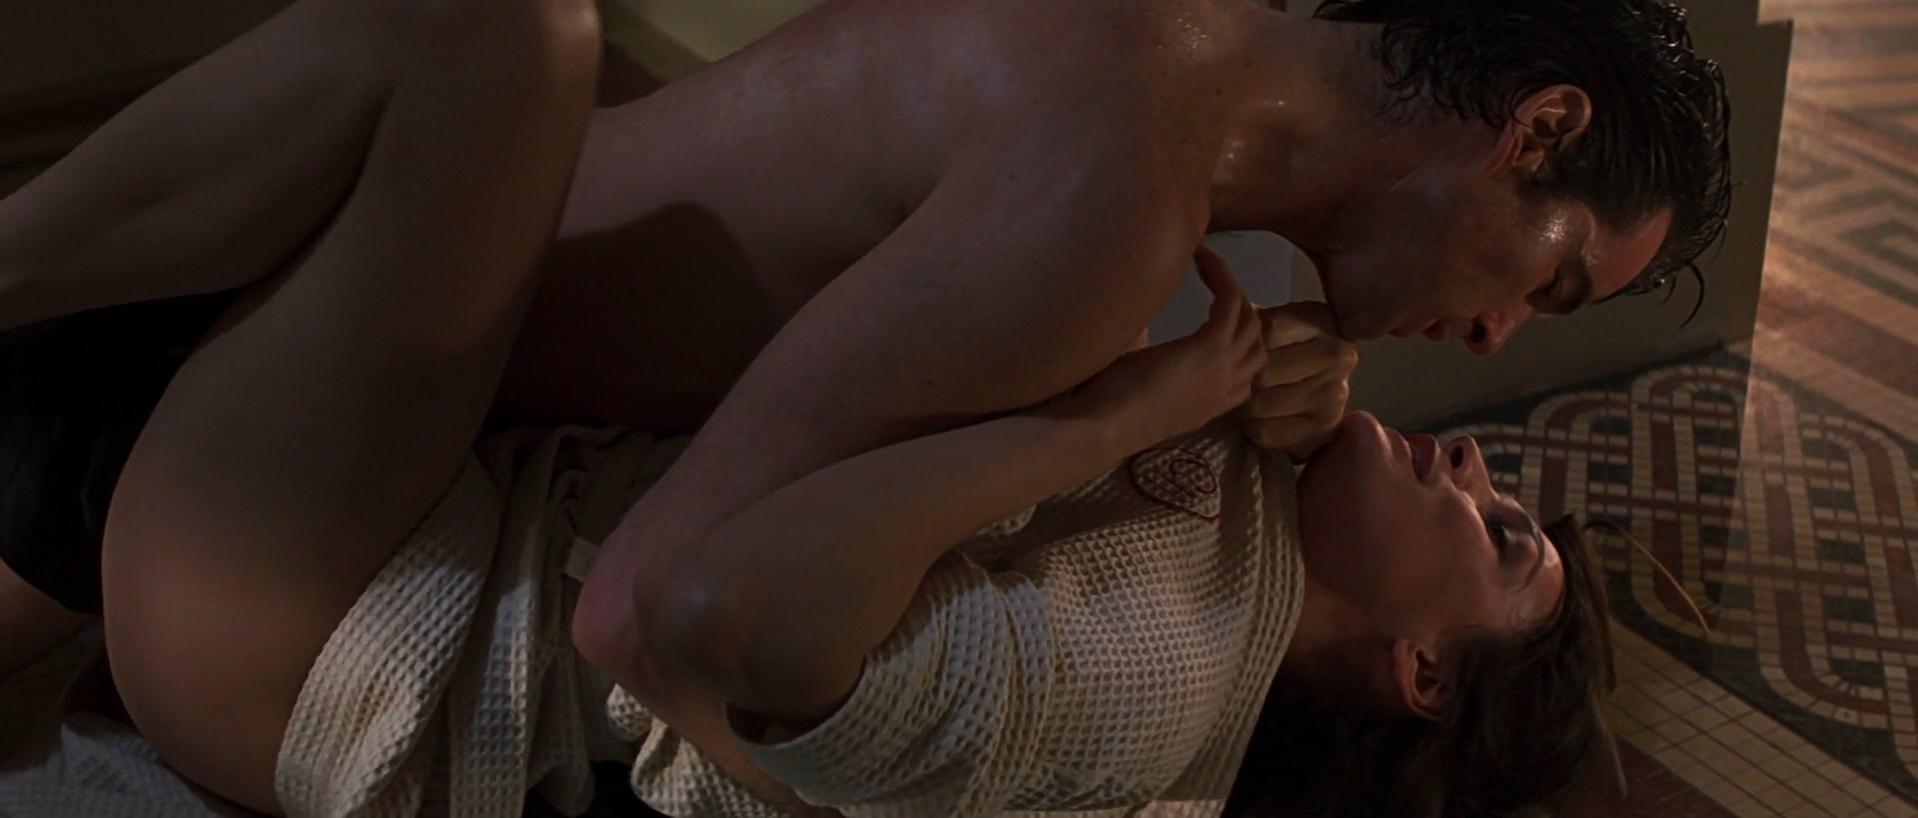 Famke janssen nude sex